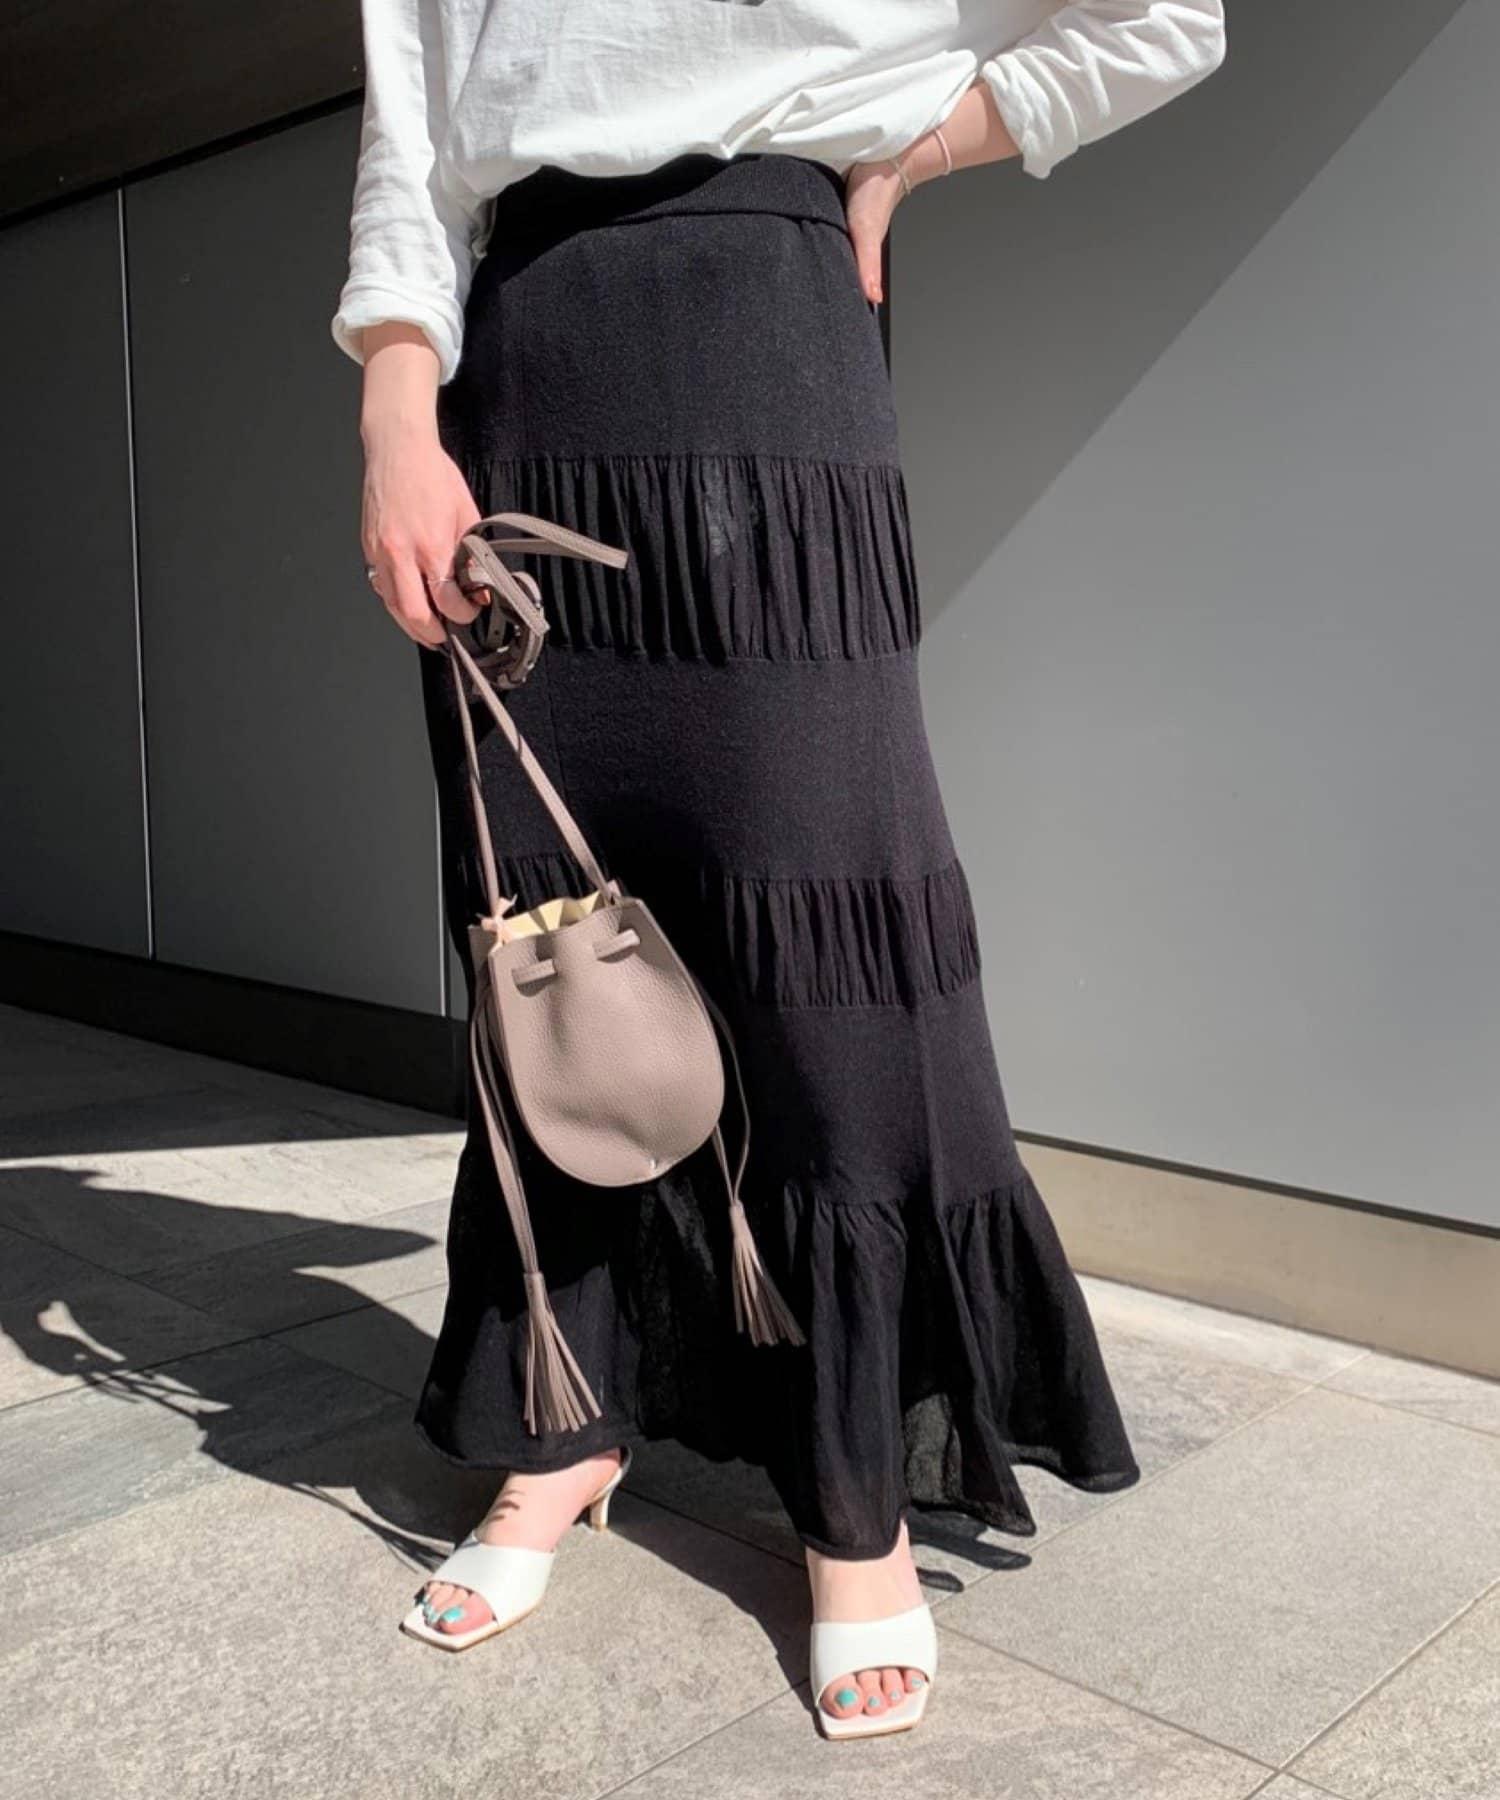 SHENERY(シーナリー) レーヨン混ティアードニットスカート